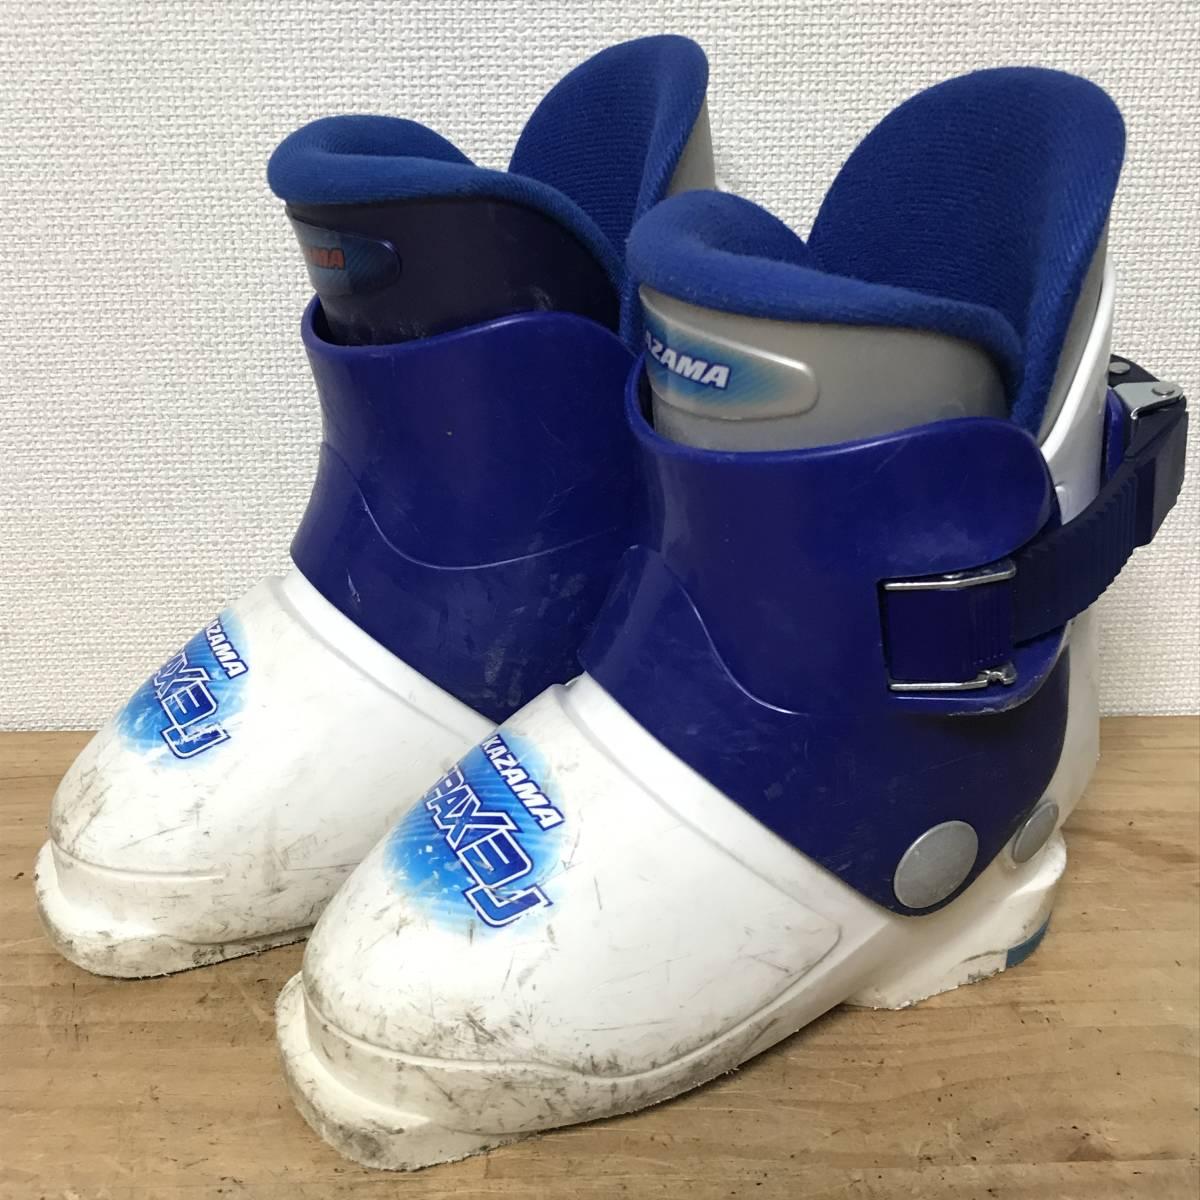 ジュニアスキーセット◆ケース付 KAZAMA 90cm ブーツ 17-18cm ポール 70cm キッズ 子供 ジュニア _画像8